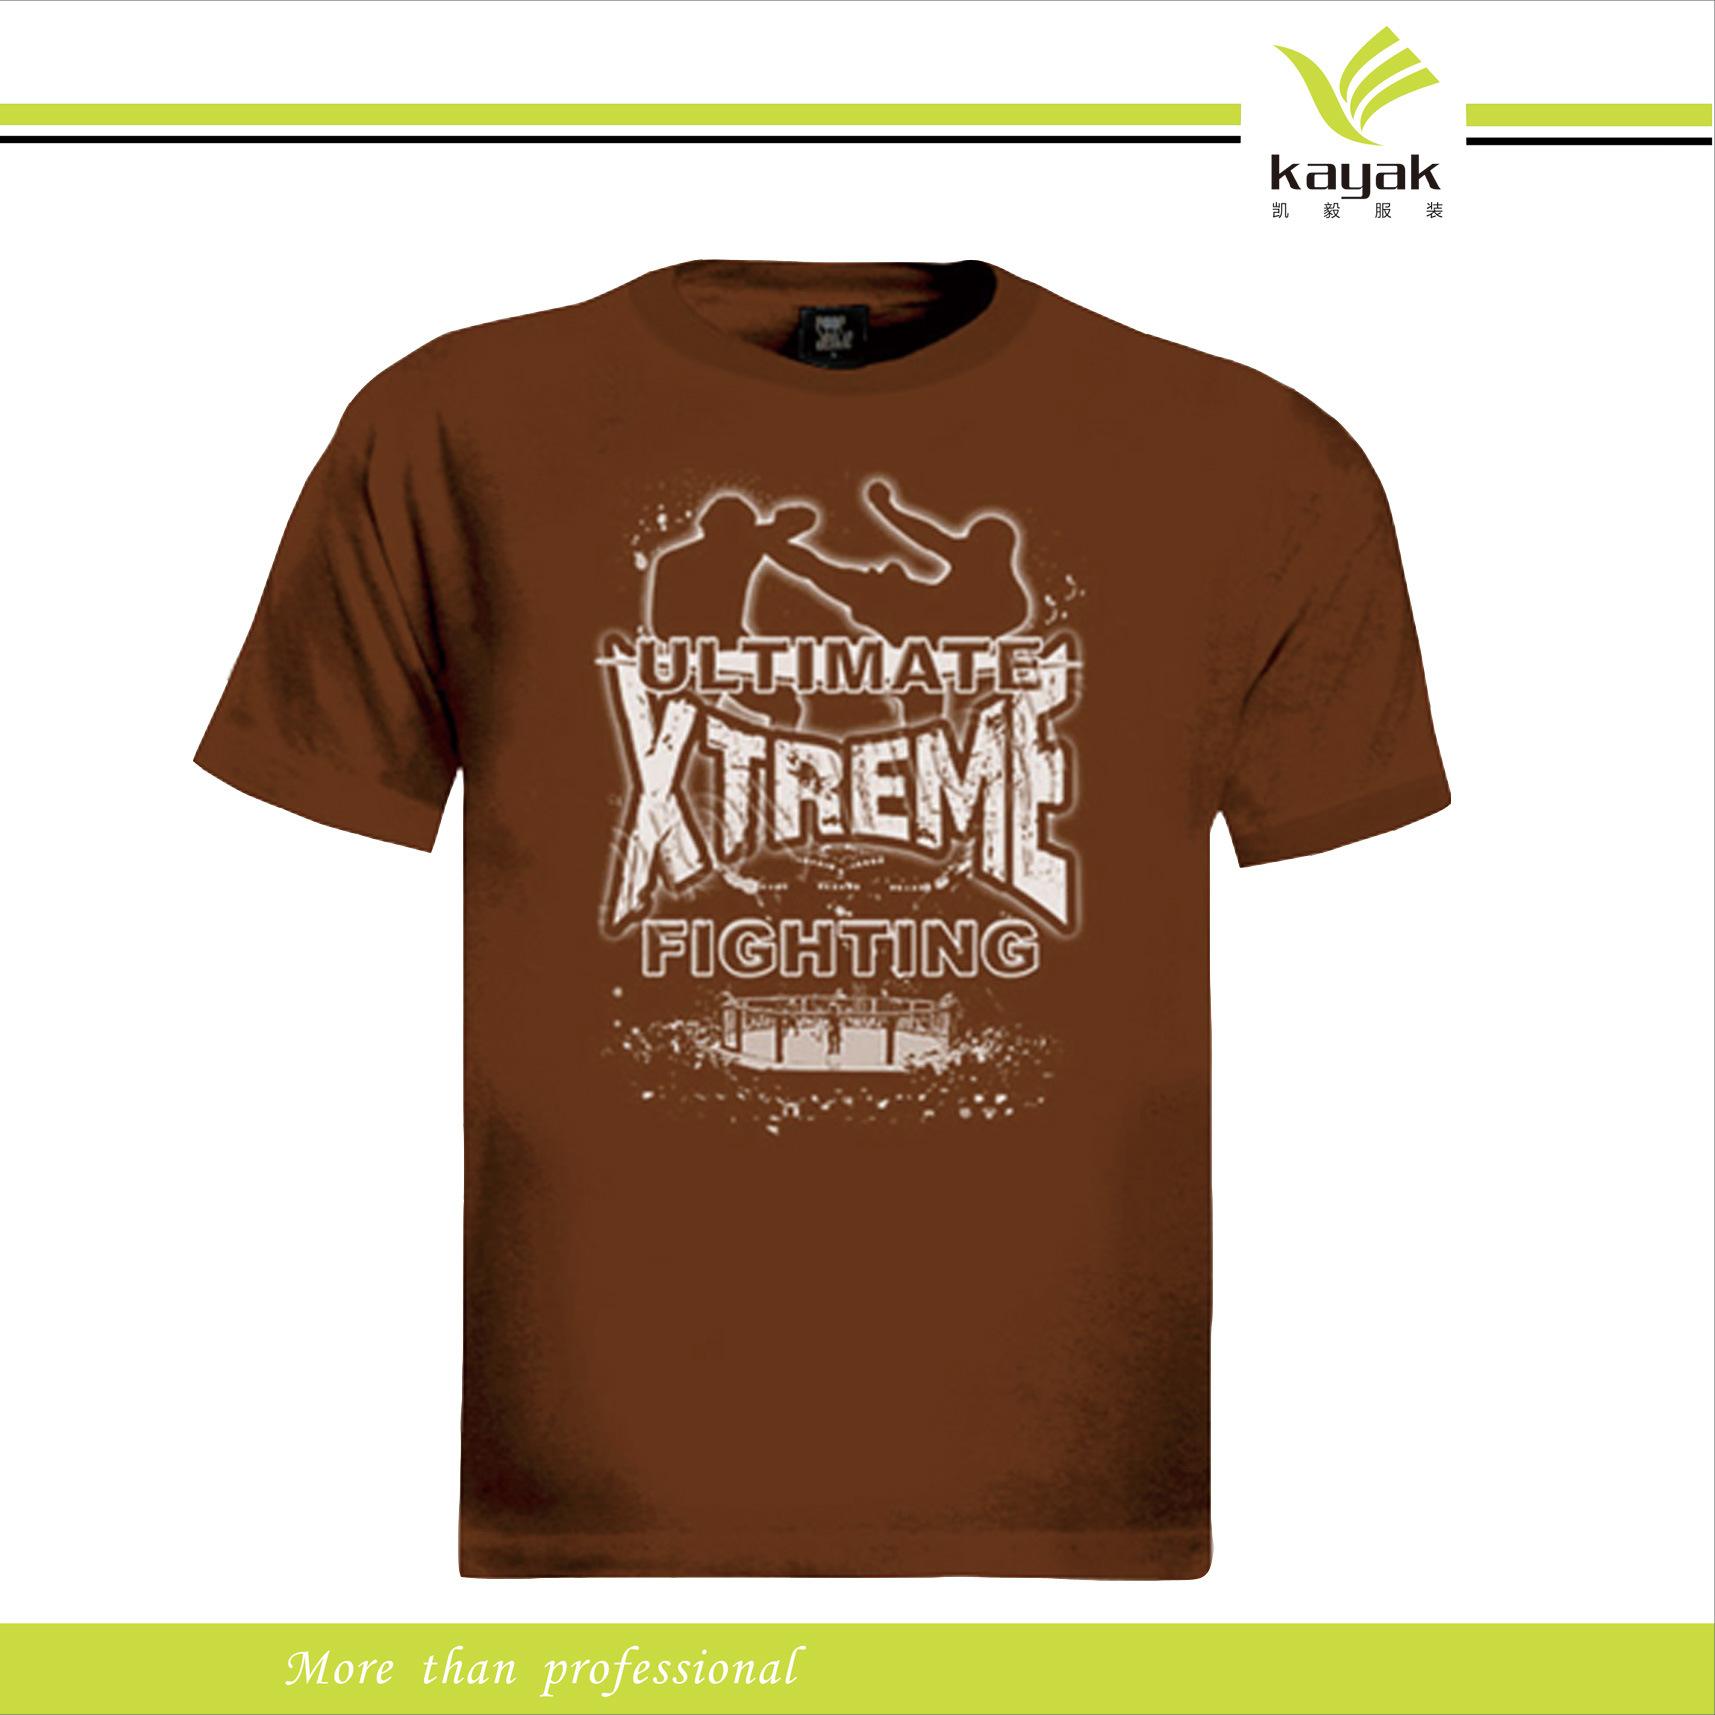 Camiseta redonda del cuello de la alta calidad del algod n for Small quantity custom t shirts